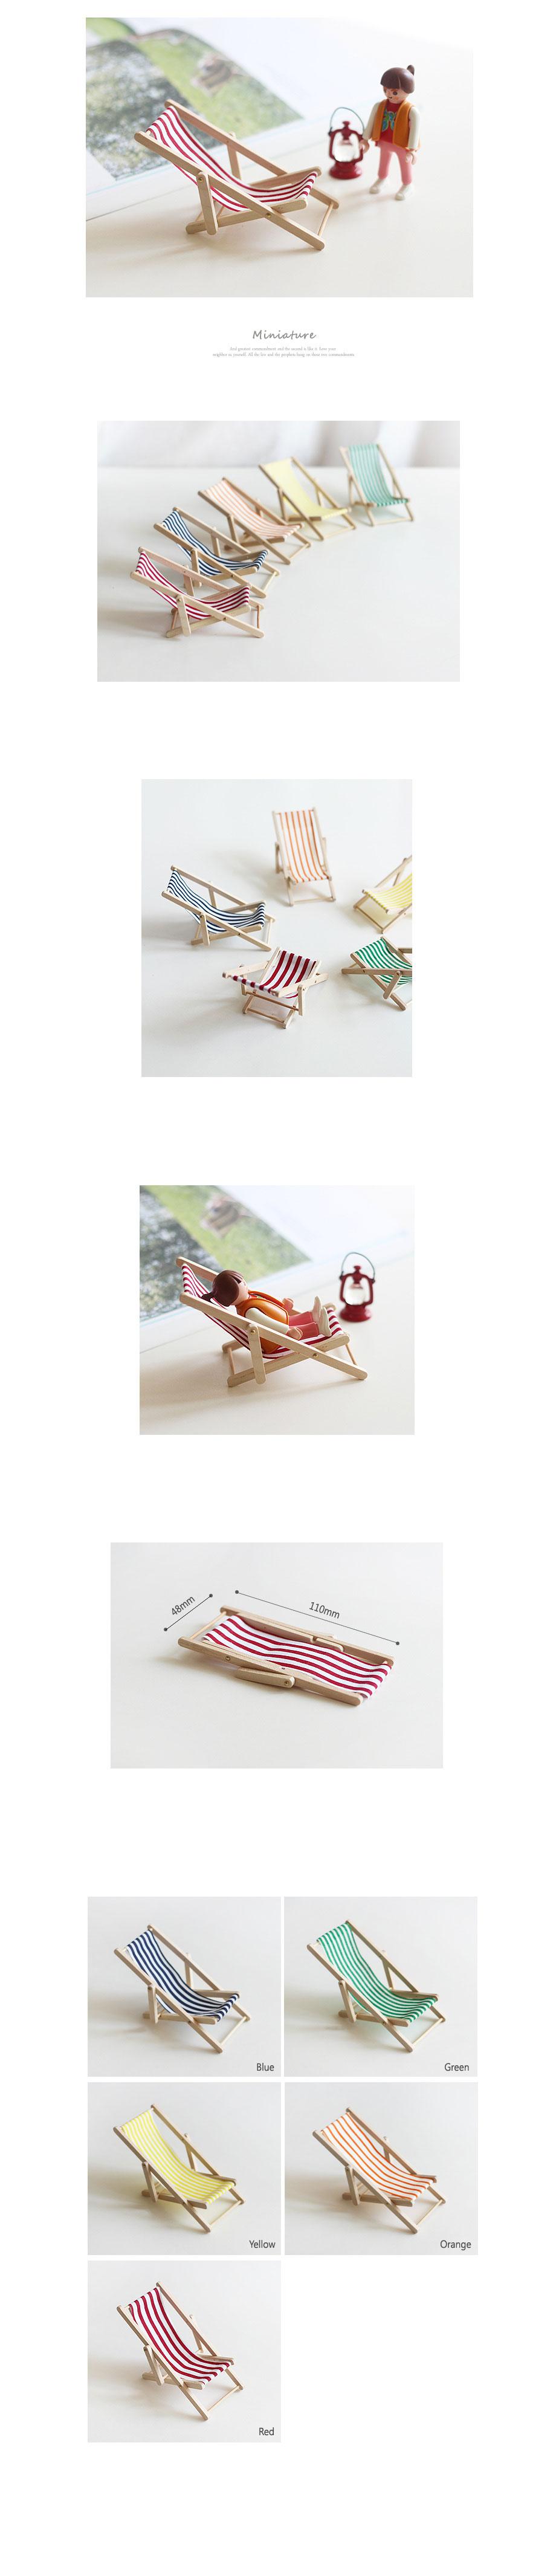 미니어처 미니 라운지 비치의자 (5color) ) -annahouse - 안나하우스, 5,600원, 미니어처, 사물